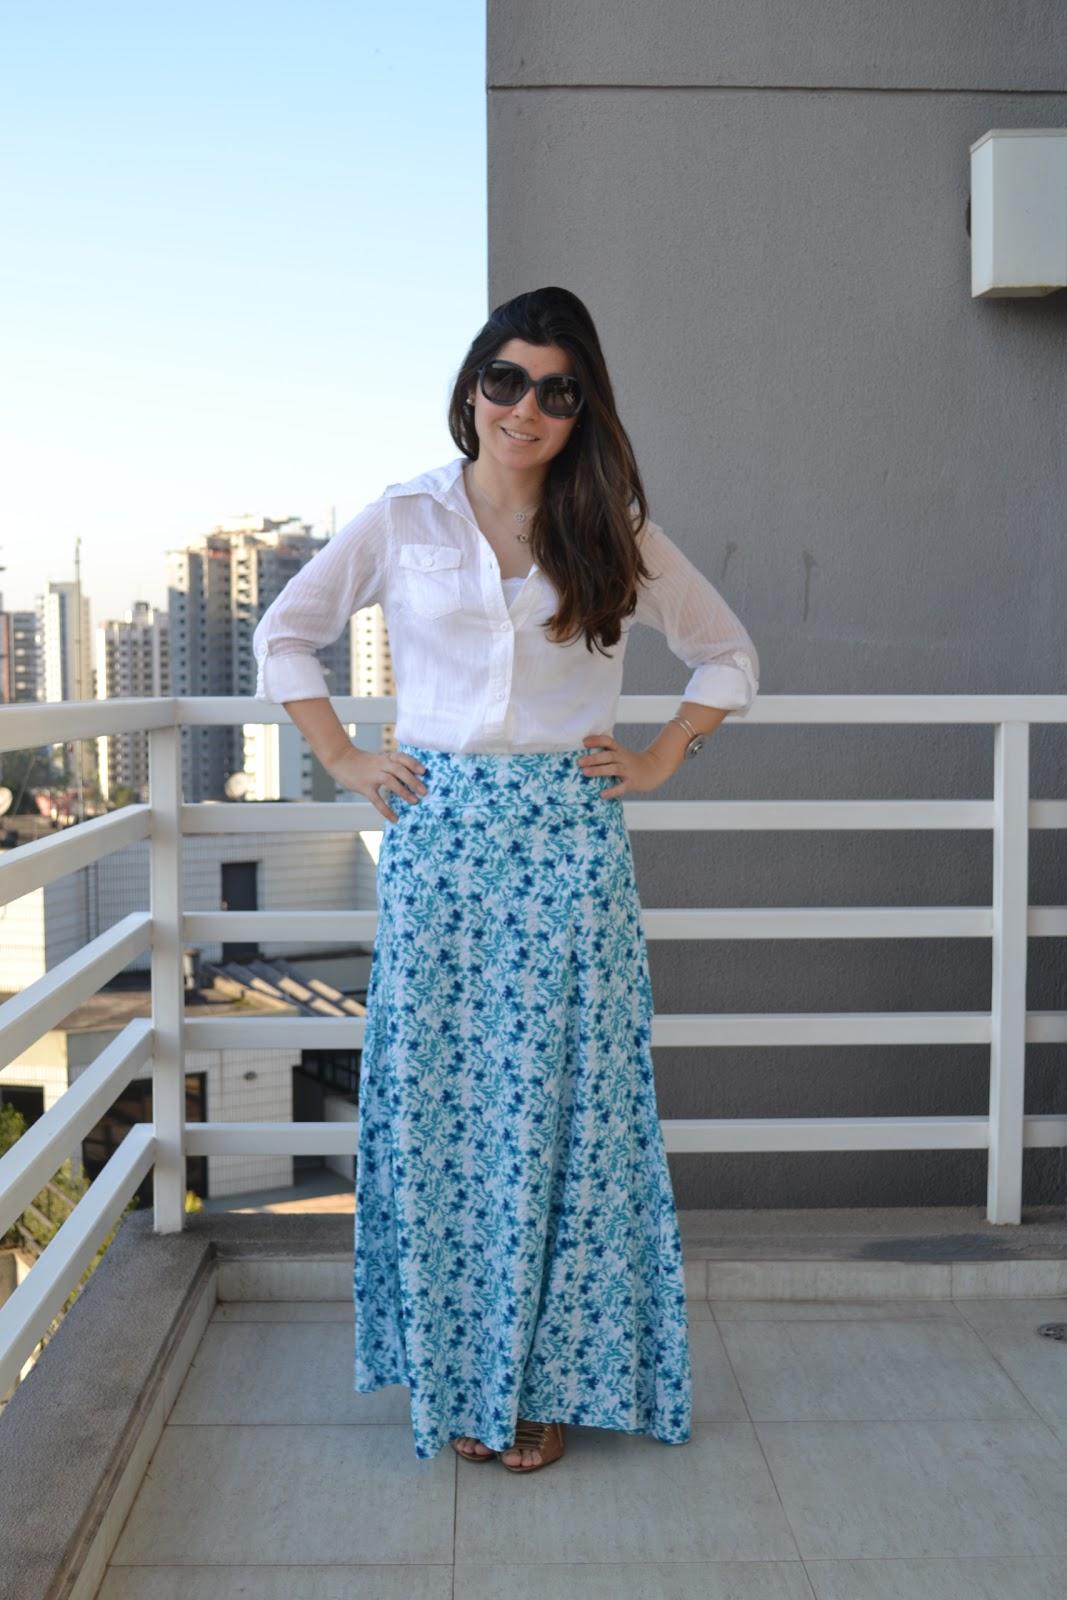 745419aa11 Meu Look  Saia Longa Estampada + Camisa